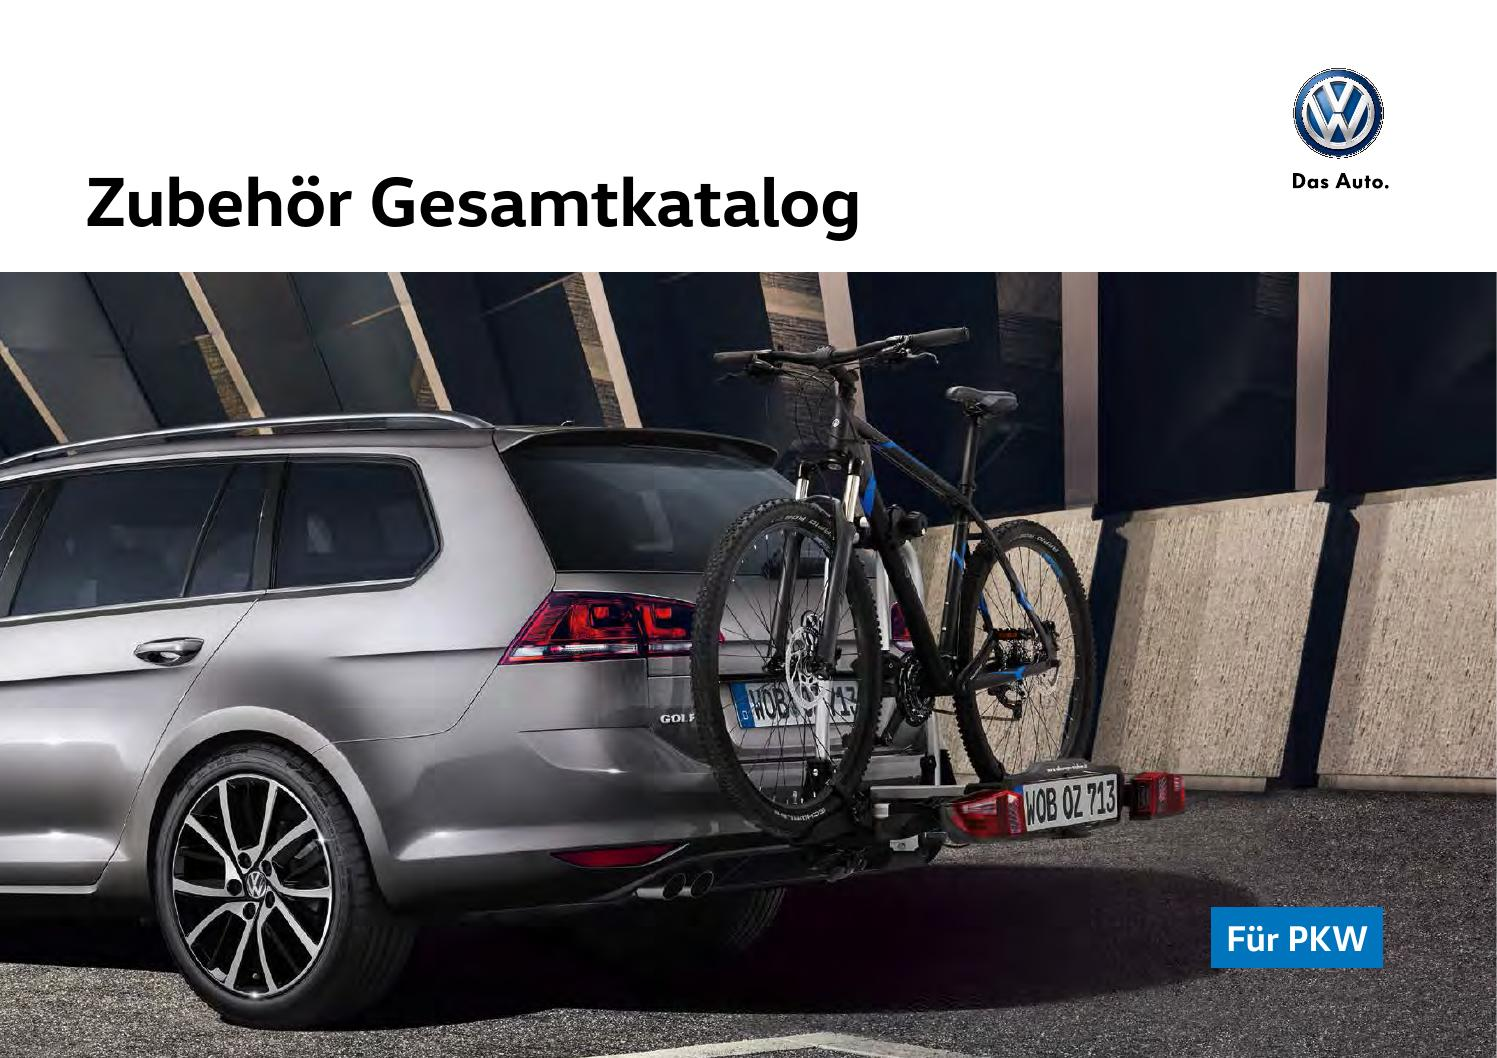 PREMIUM Spiegel Innenspiegel Design Folie Set in Blau Matt für viele Fahrzeuge